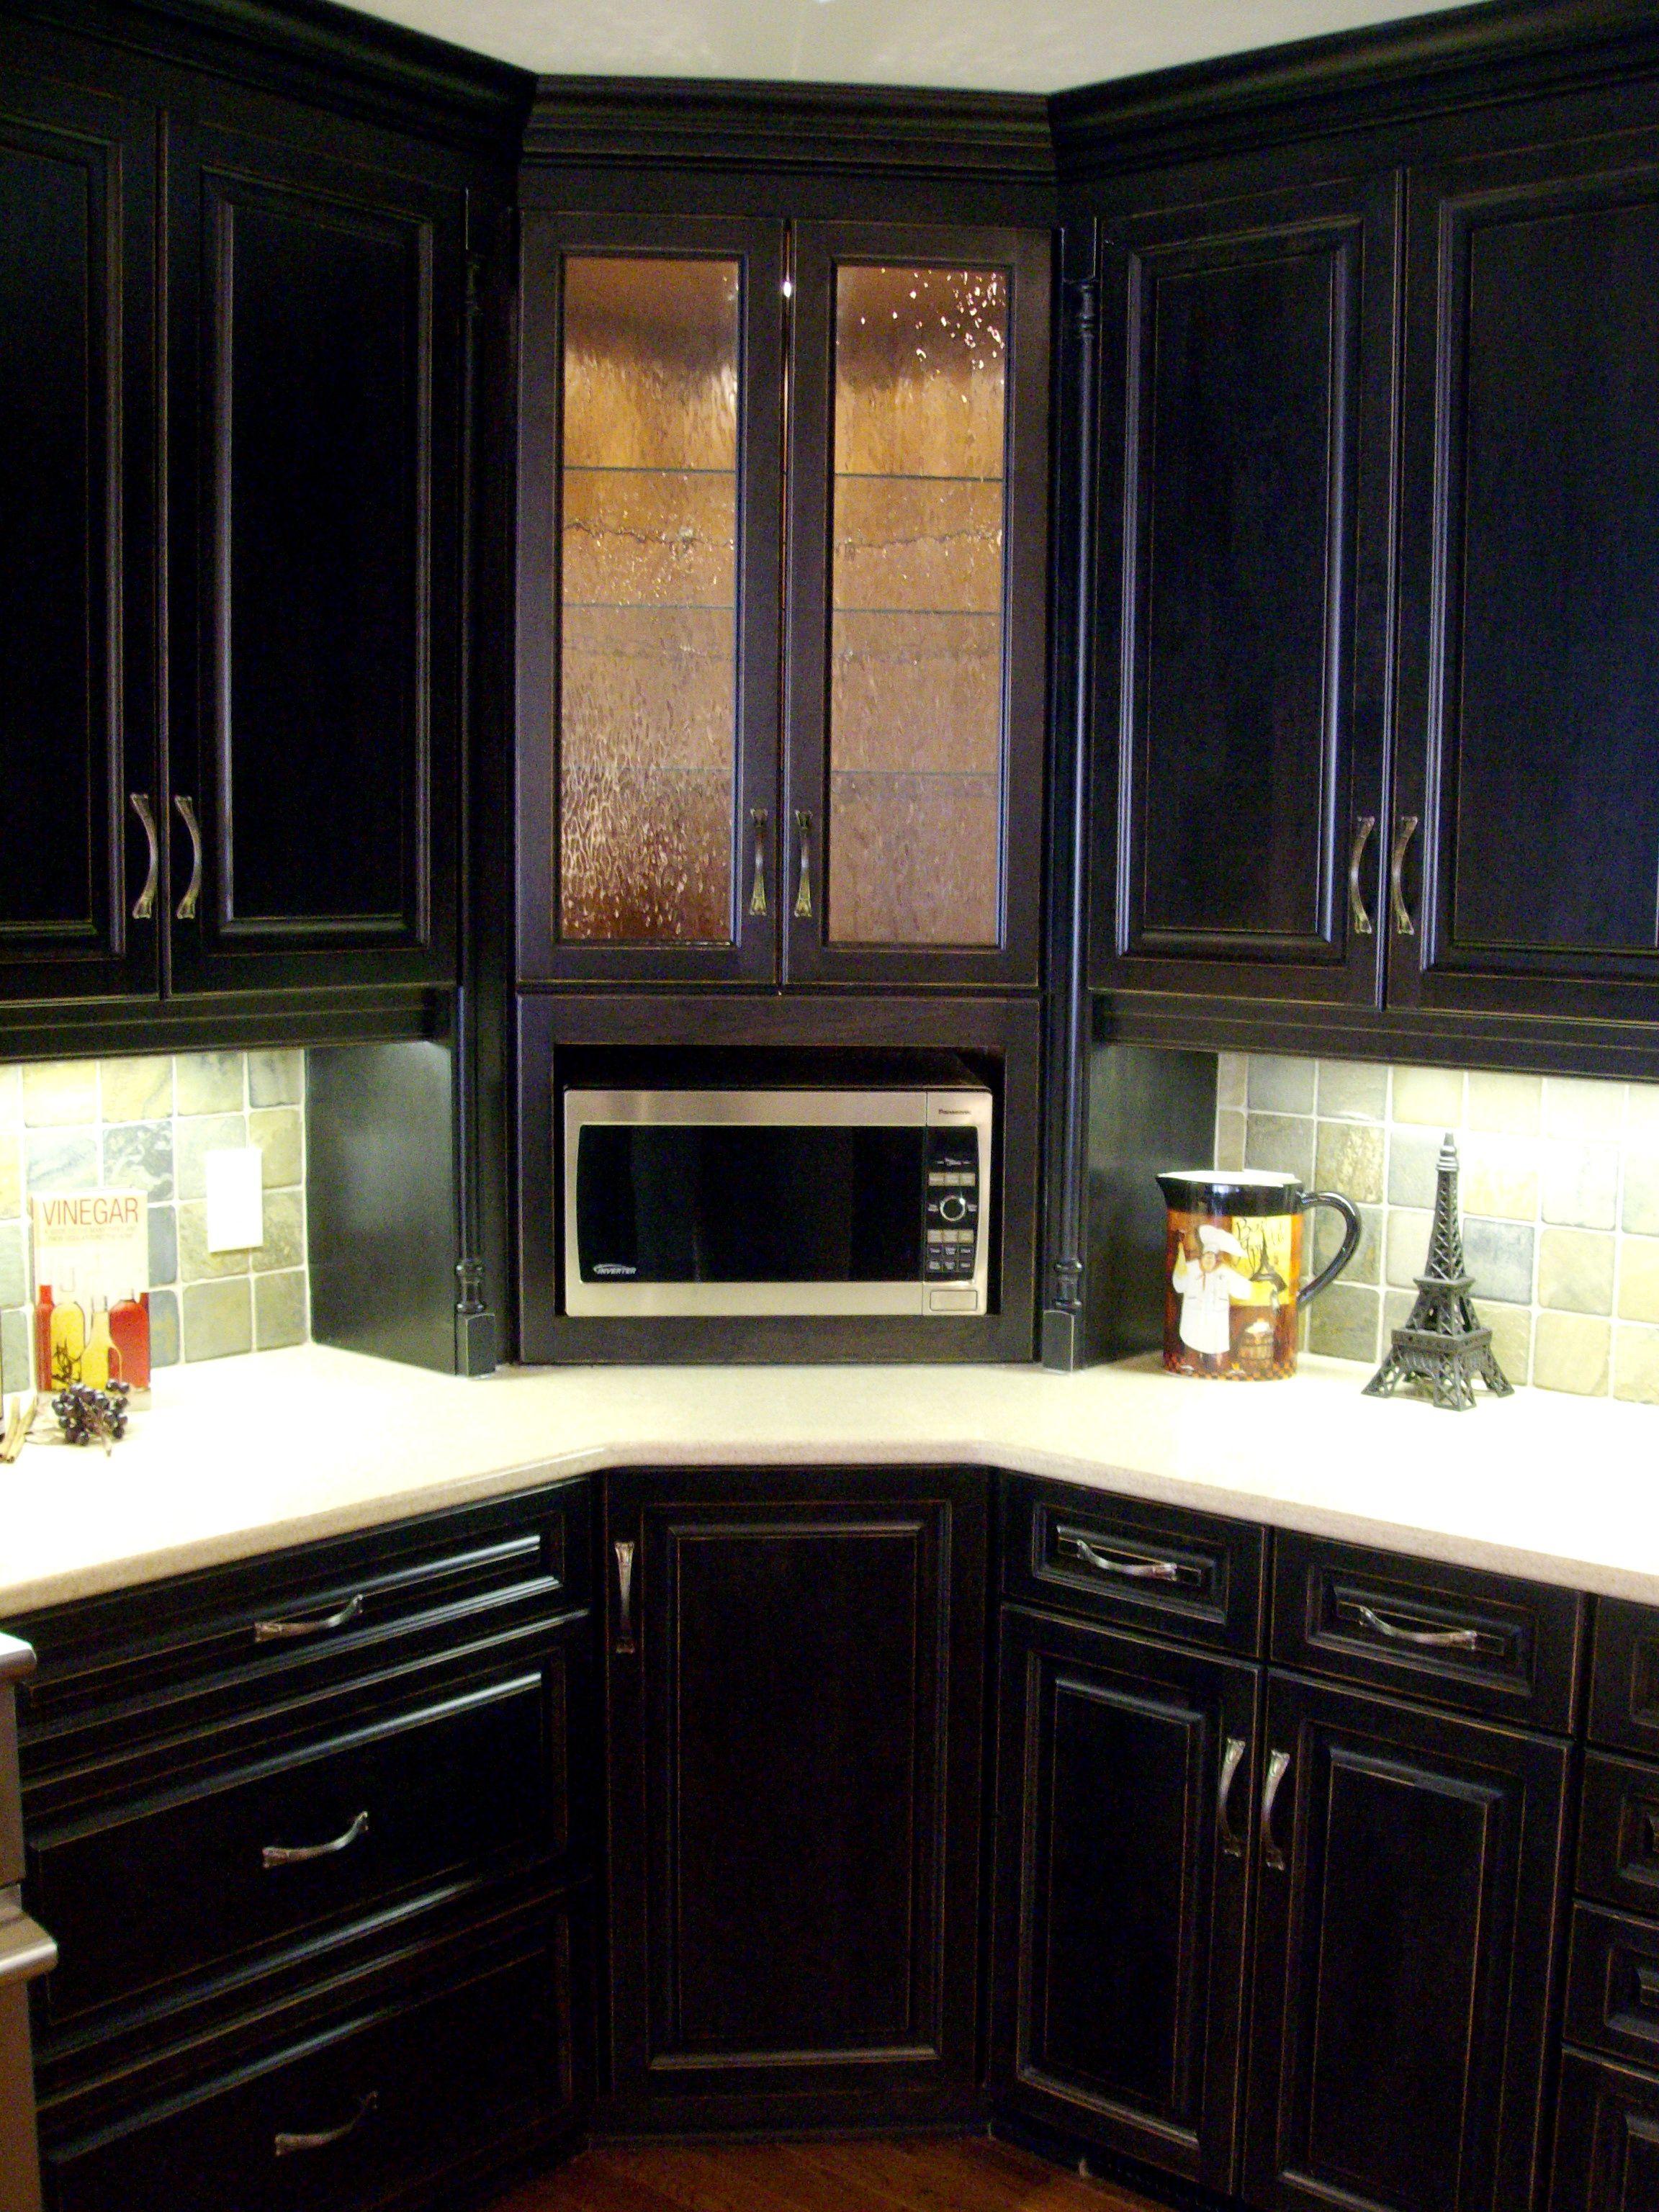 Best Kitchen Gallery: Corner Built In Microwave Cabi With Glass Door Upper Decorative of Alternative To Built In Cabinets In Kitchen on rachelxblog.com